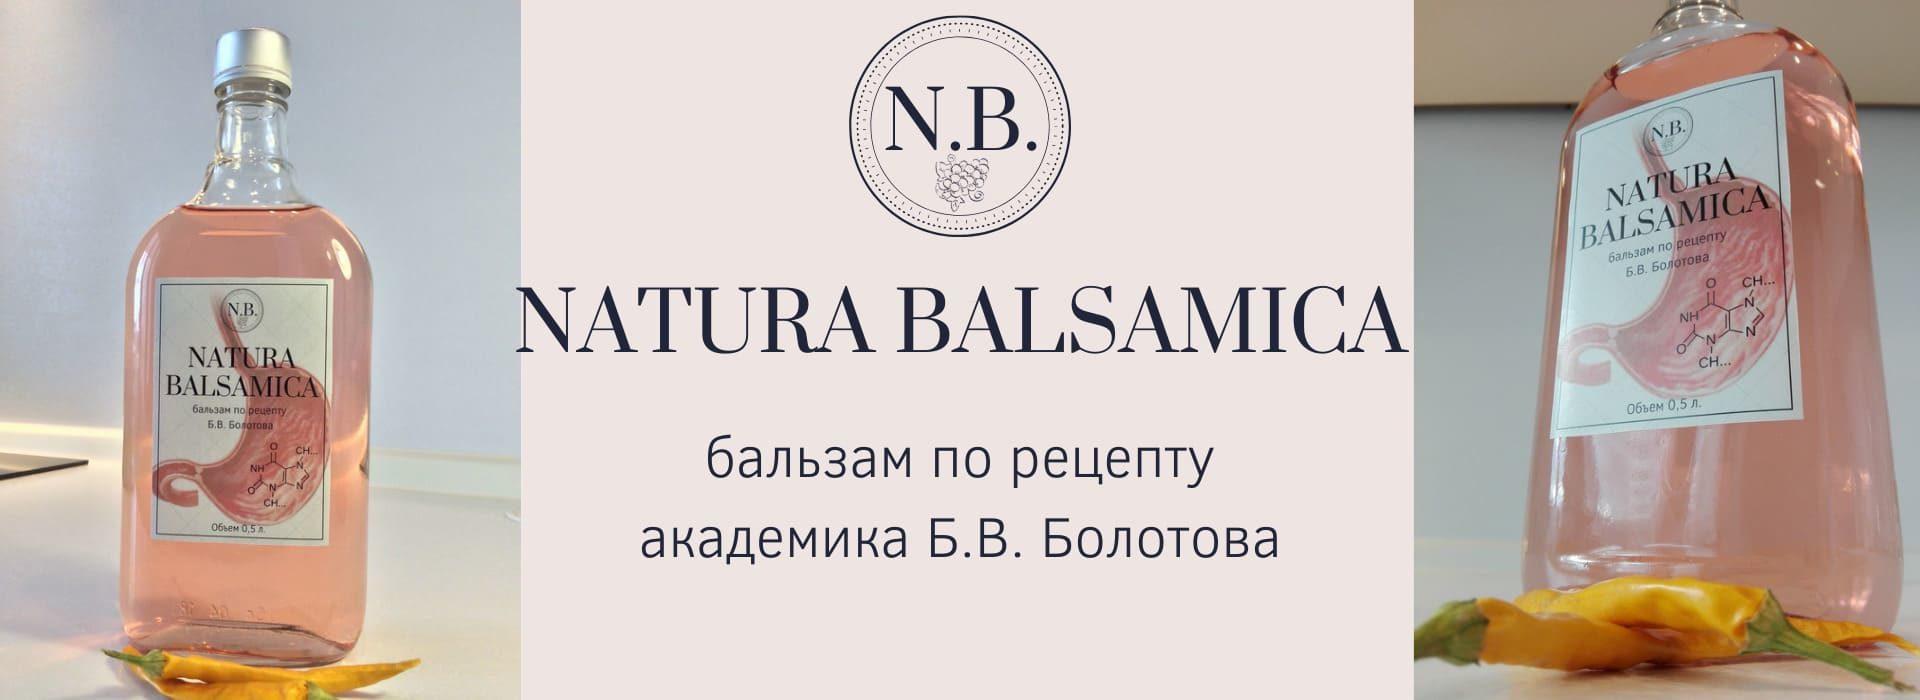 Цена бальзама Болотова за 0,5 л. — 450 руб.